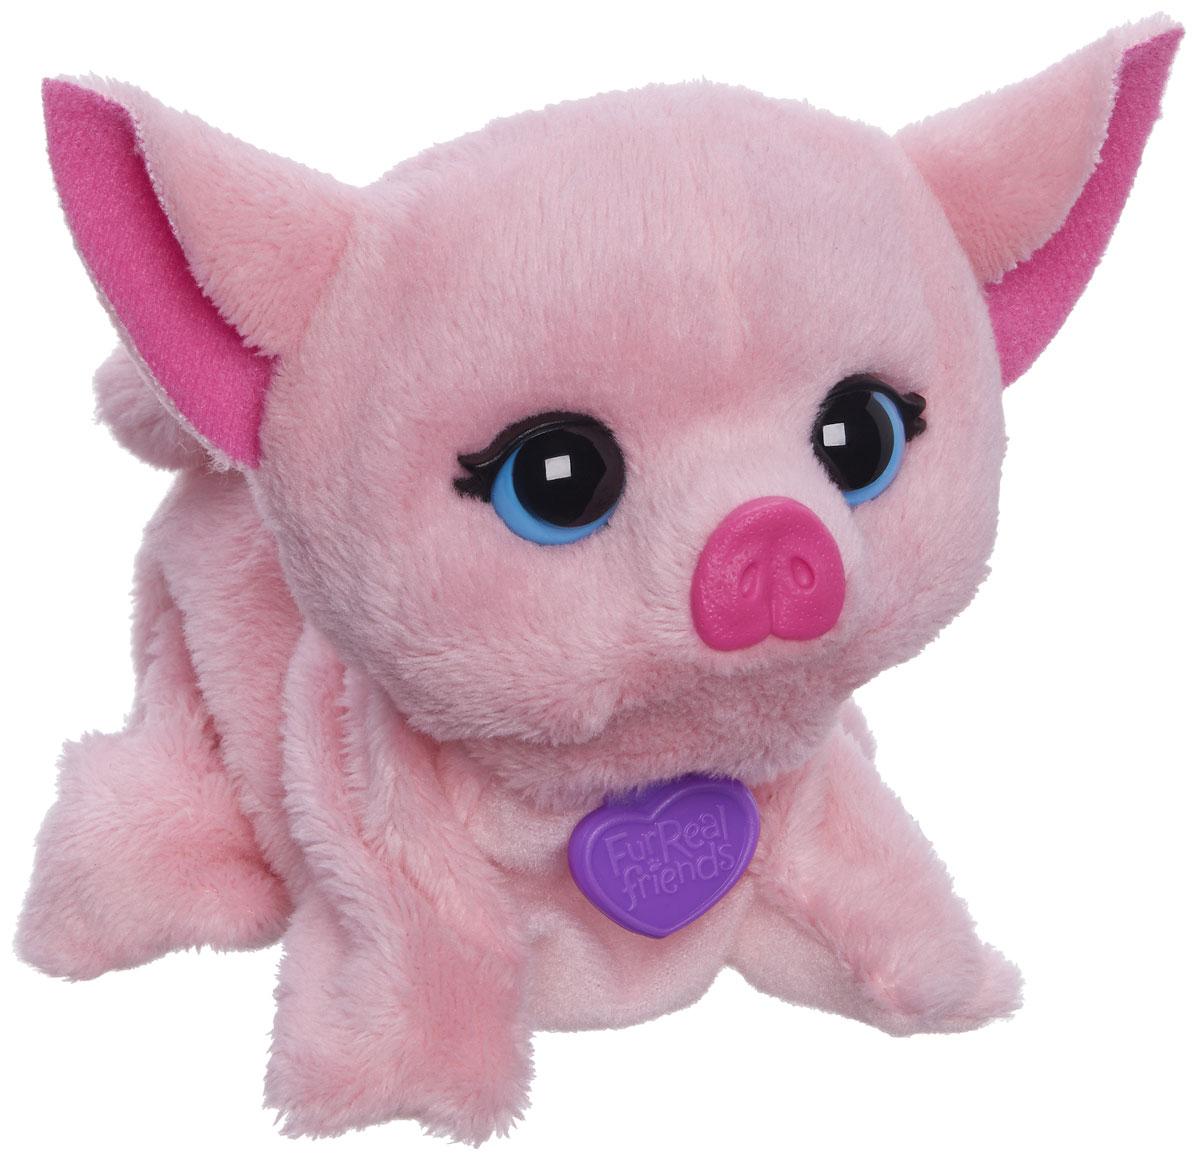 FurReal Friends Интерактивная игрушка ХрюшаB0698EU4_B2769Ваш ребенок мечтает о красивом маленьком зверьке, но нет возможности исполнить его желание? Анимированная игрушка FurReal Friends Поющие зверята. Хрюша приведет в восторг вашего малыша. Приятная на ощупь игрушка выполнена в виде очаровательного розового поросенка с голубыми глазками. При нажатии кнопки на его спинке он поднимает голову и издает забавные мелодичные звуки. Игрушка принесет ребенку много радости и станет верным другом на долгое время. Рекомендуется докупить 2 батарейки напряжением 1,5V типа LR44/AG13/А76 (товар комплектуется демонстрационными).